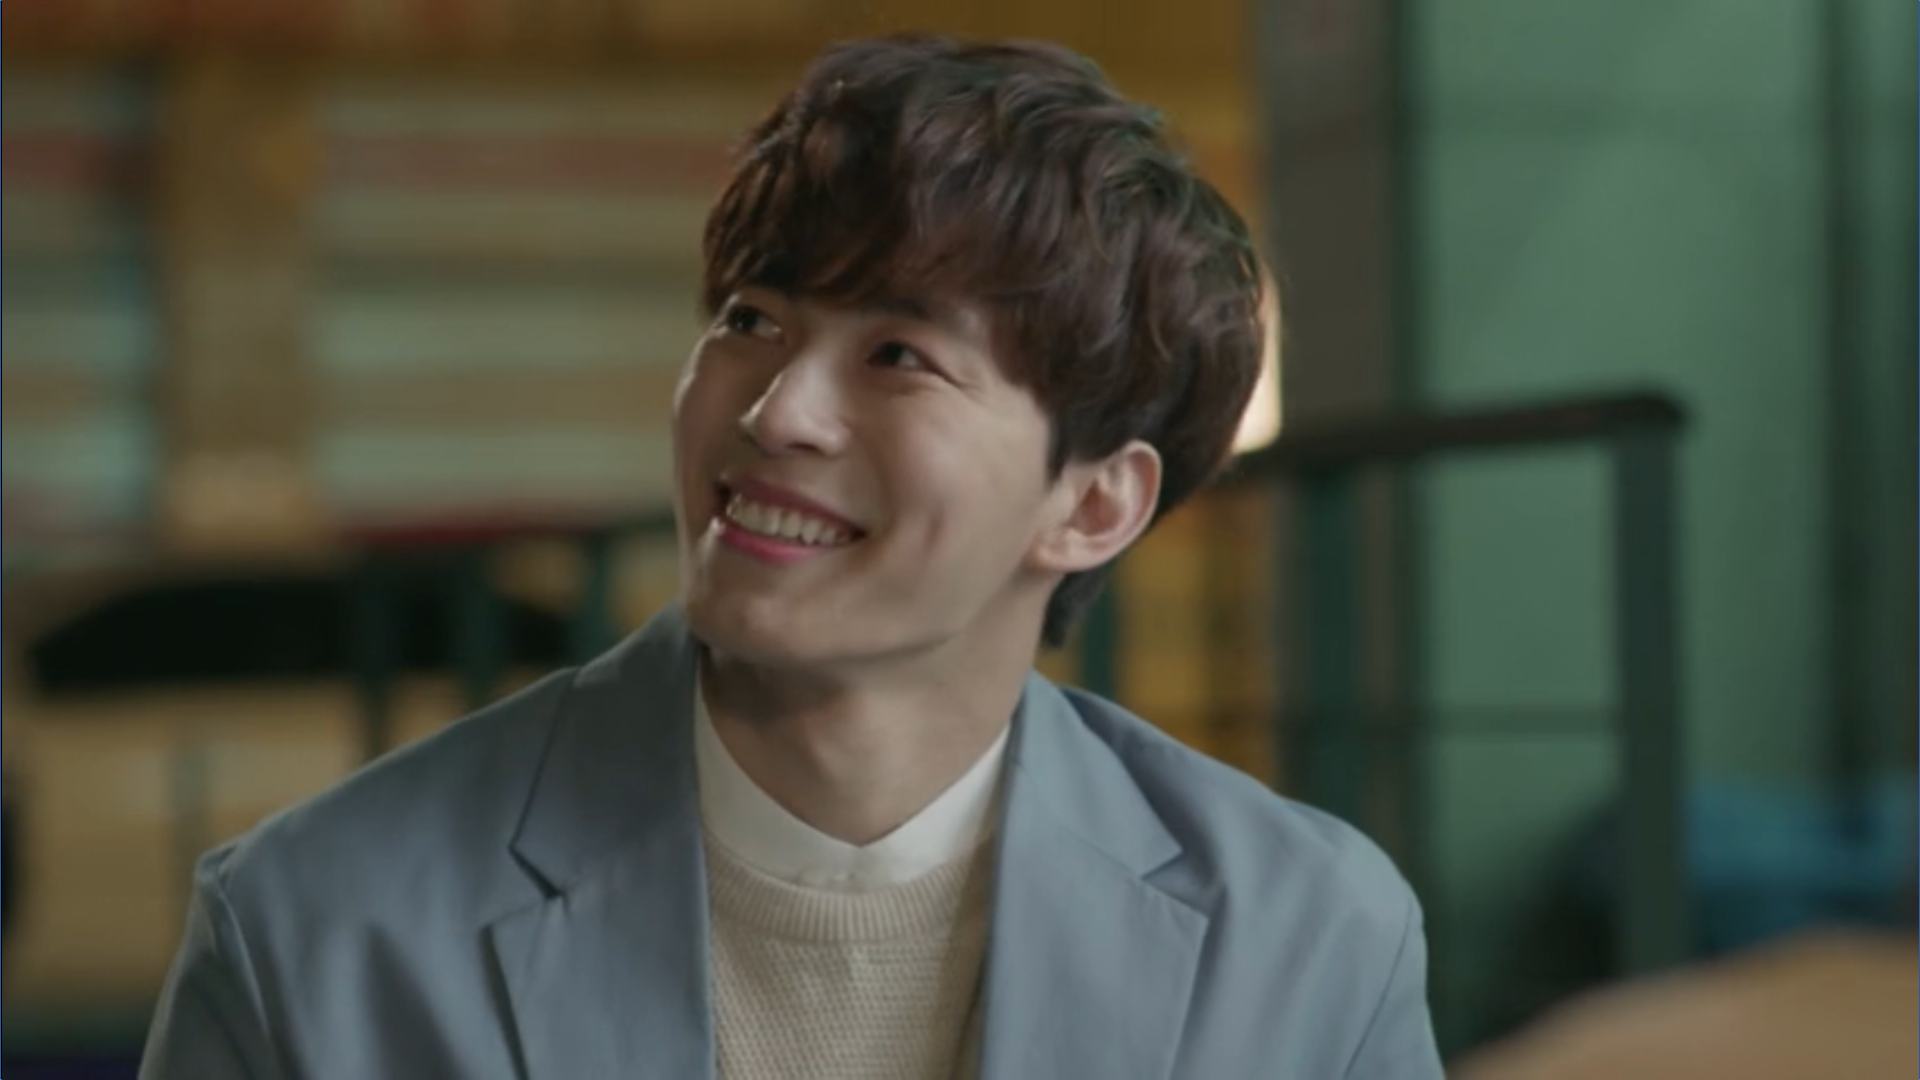 Wednesday 3:30 PM Yoon Jae-won smiling